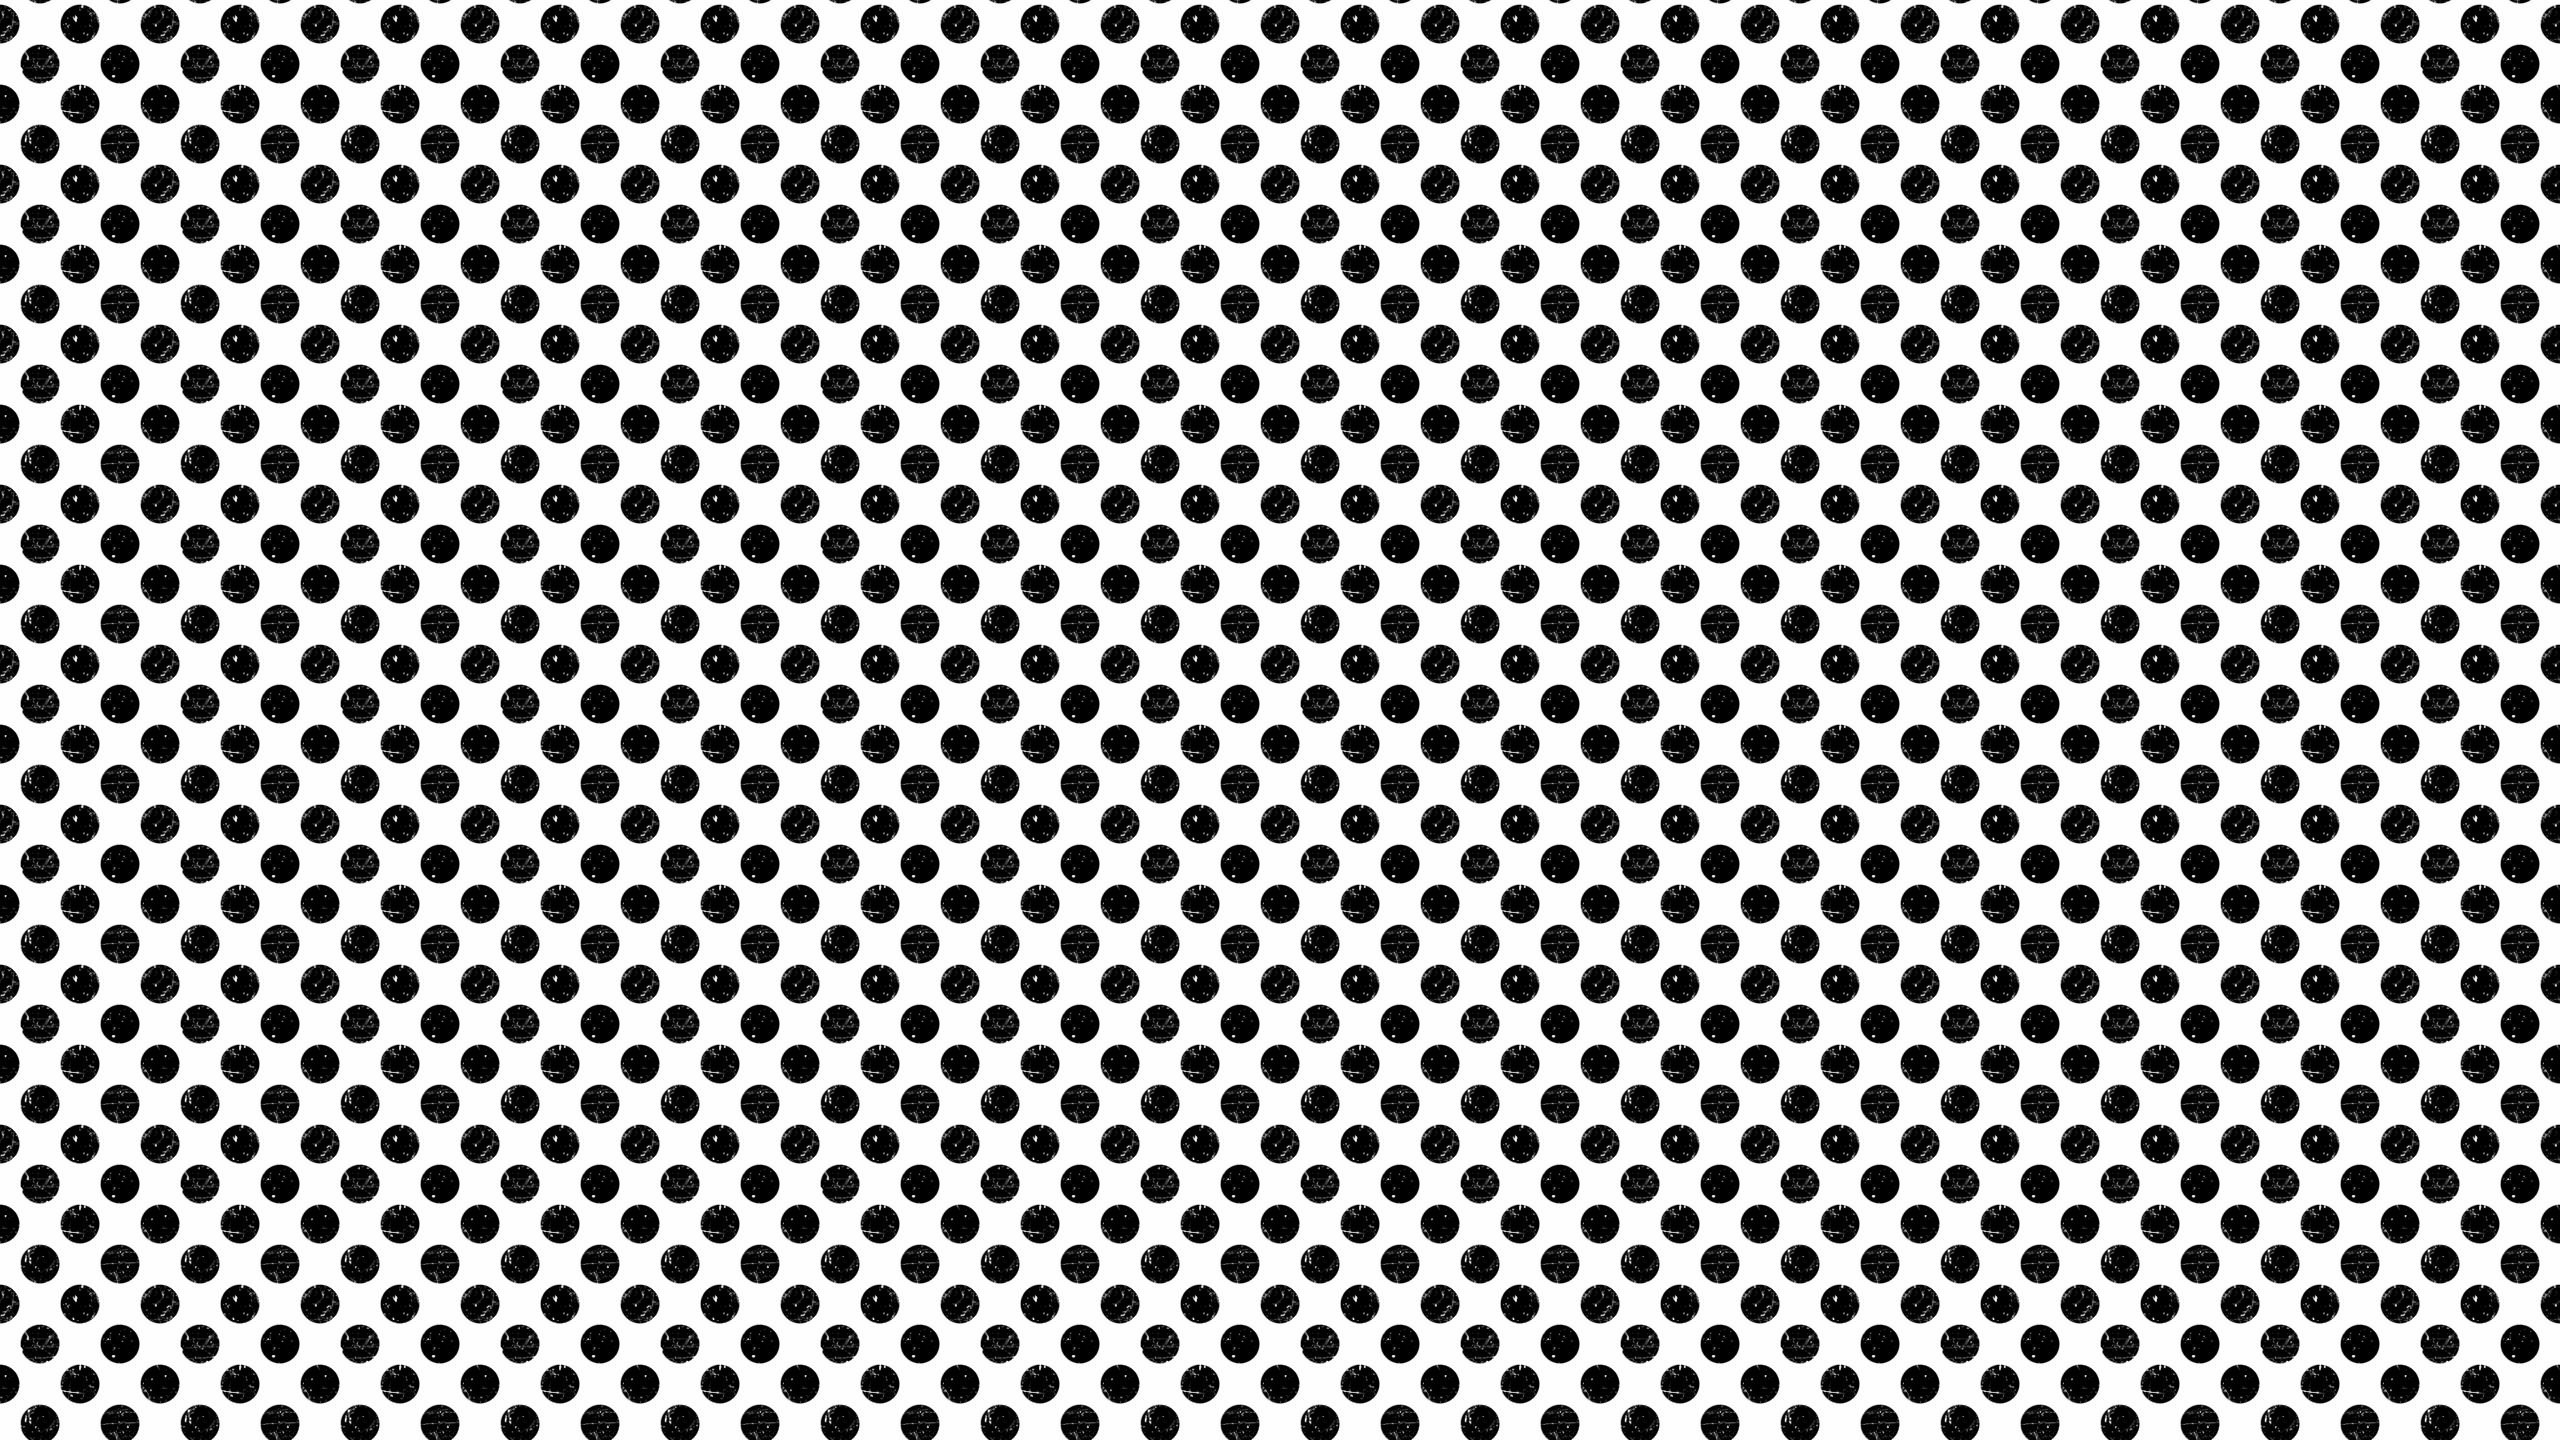 20+ Cool Polka Dot Wallpapers